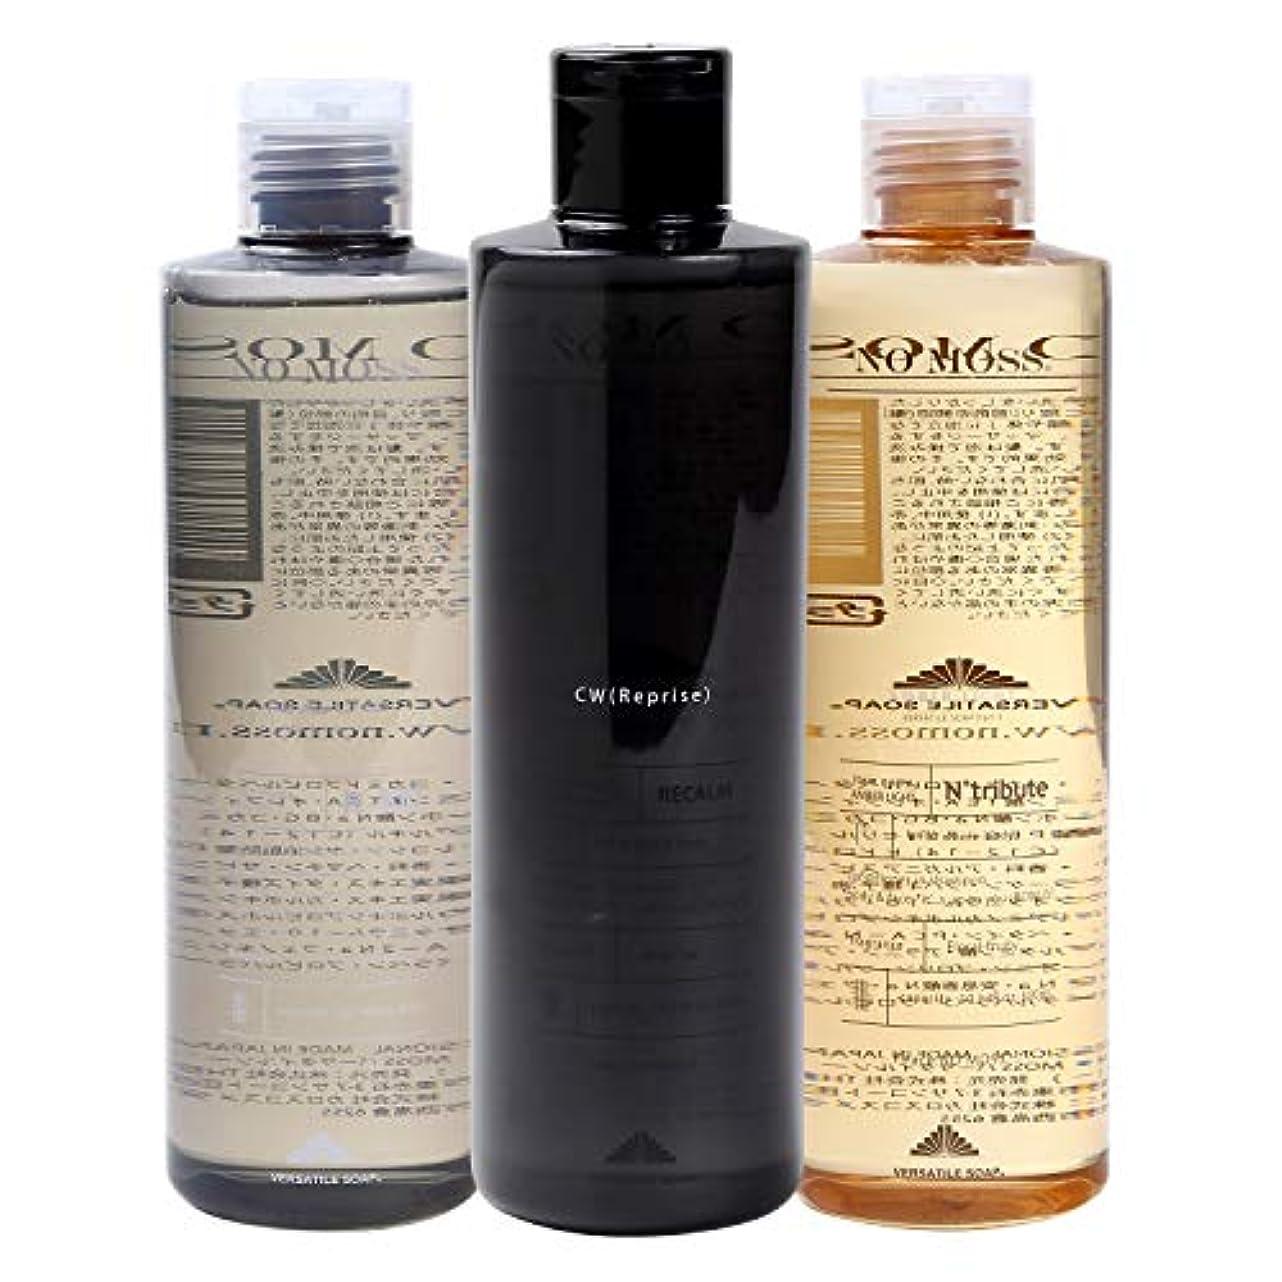 骨折有毒な贅沢なNO MOSS VERSATILE SOAP(ノーモス バーサタイル ソープ) 300ml FULLセット